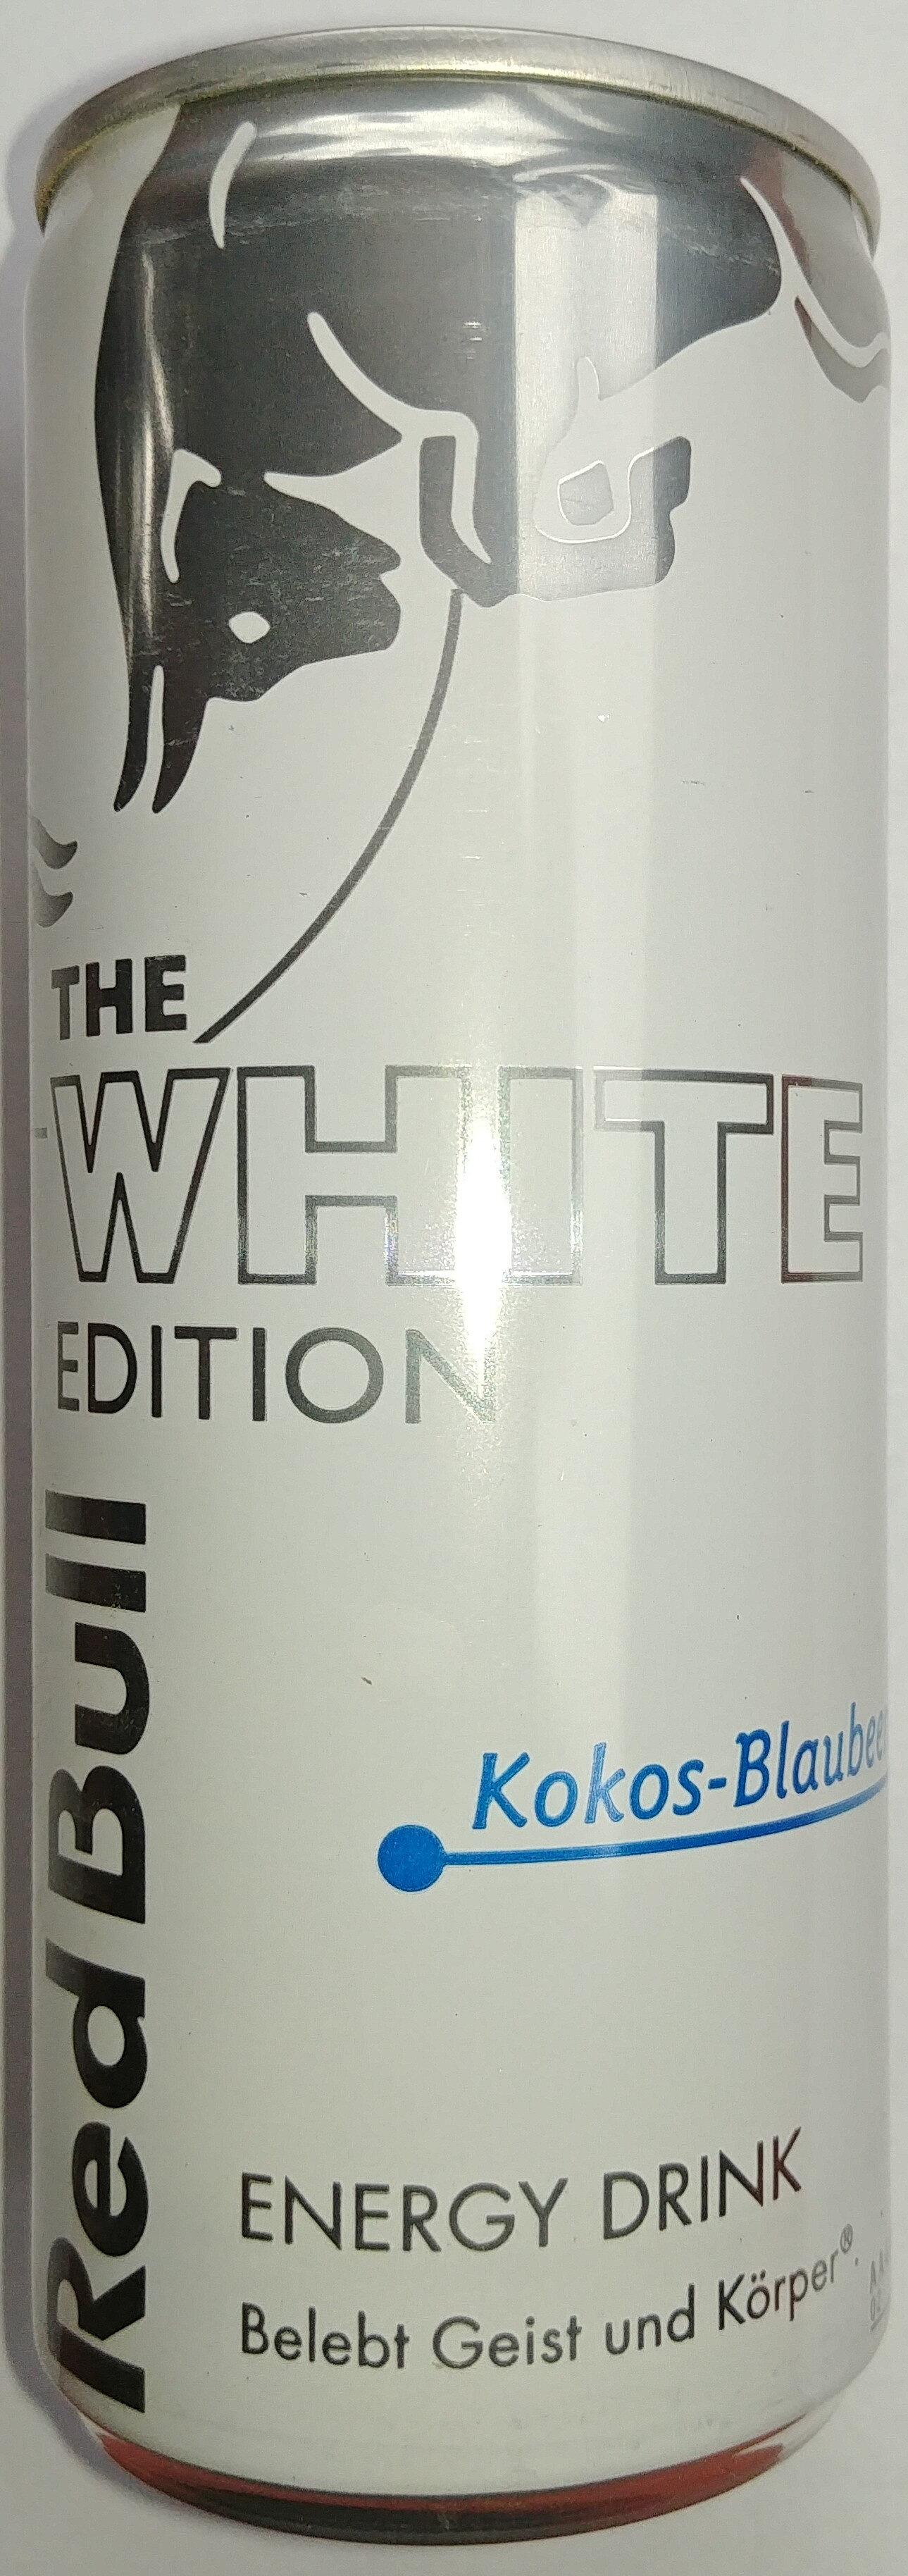 Energy Drink mit dem Geschmack von Kokos Blaubeery - Produkt